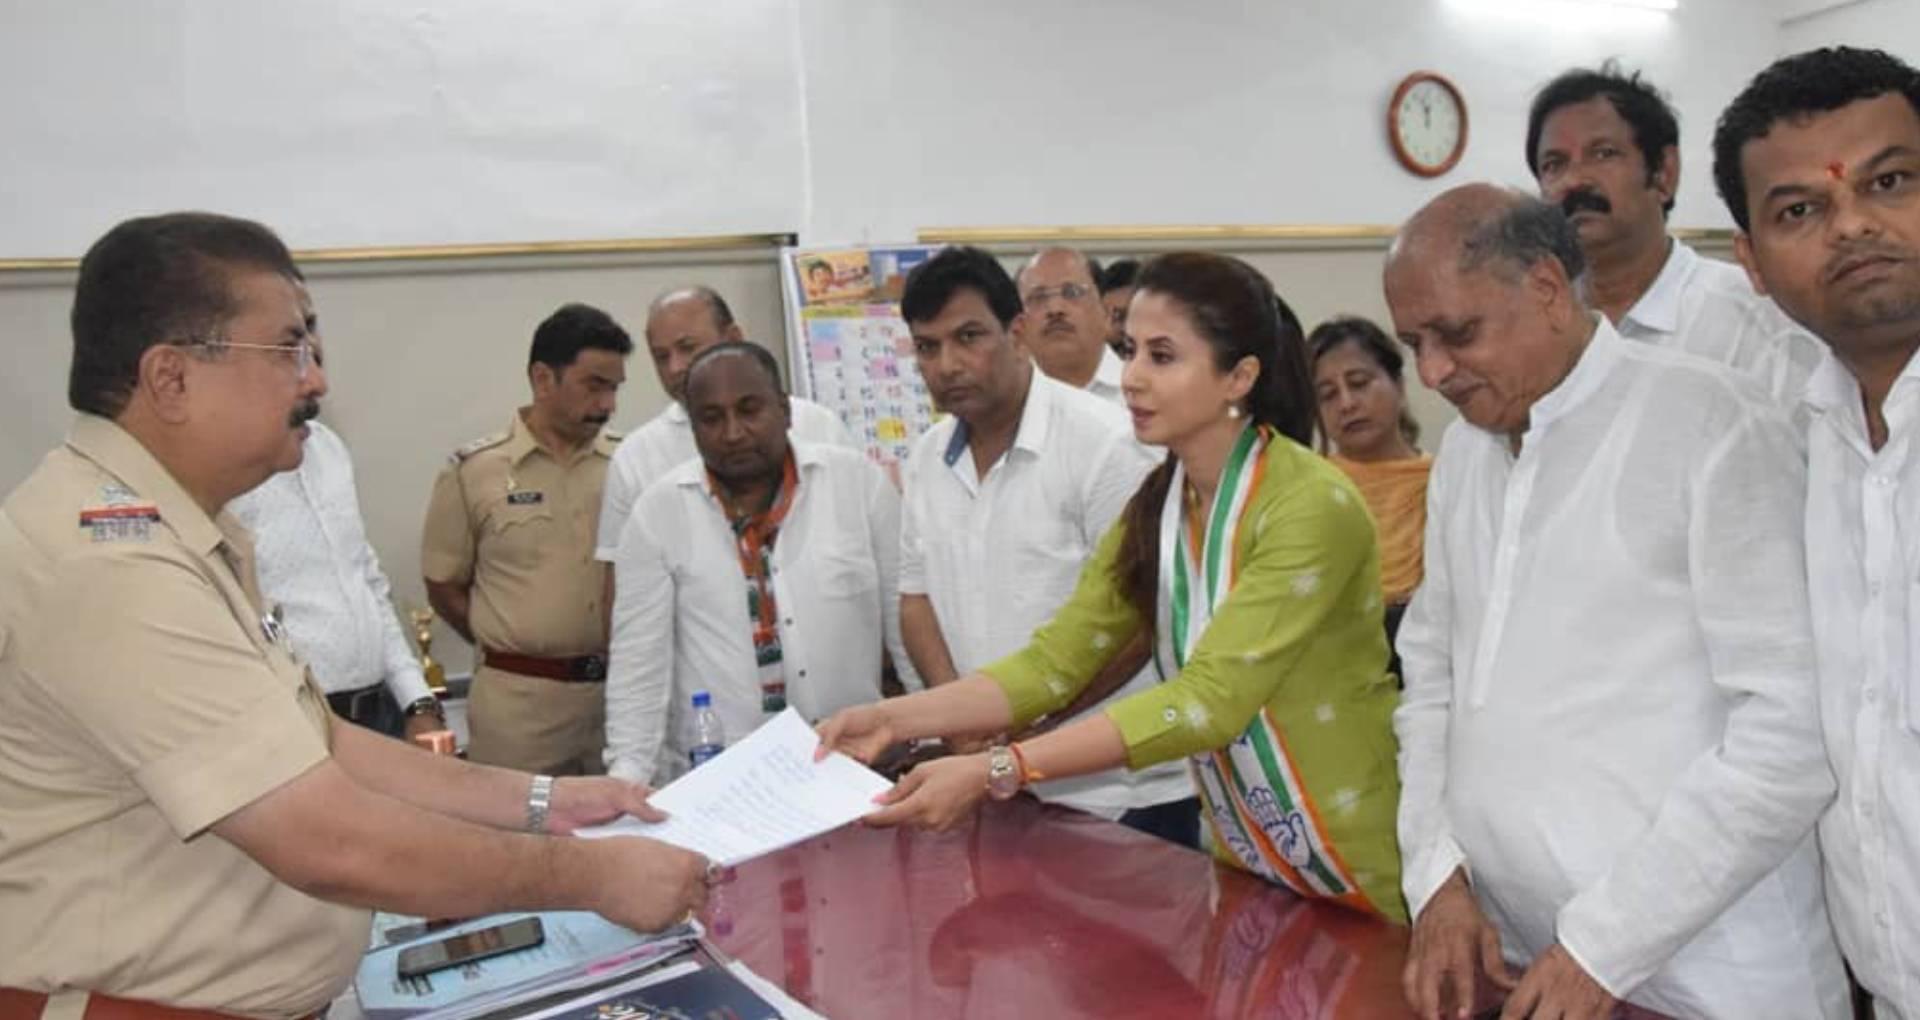 उर्मिला मातोंडकर ने लगाया अश्लील हरकत करने का आरोप, कहा- डर का माहौल पैदा करना चाहती है बीजेपी